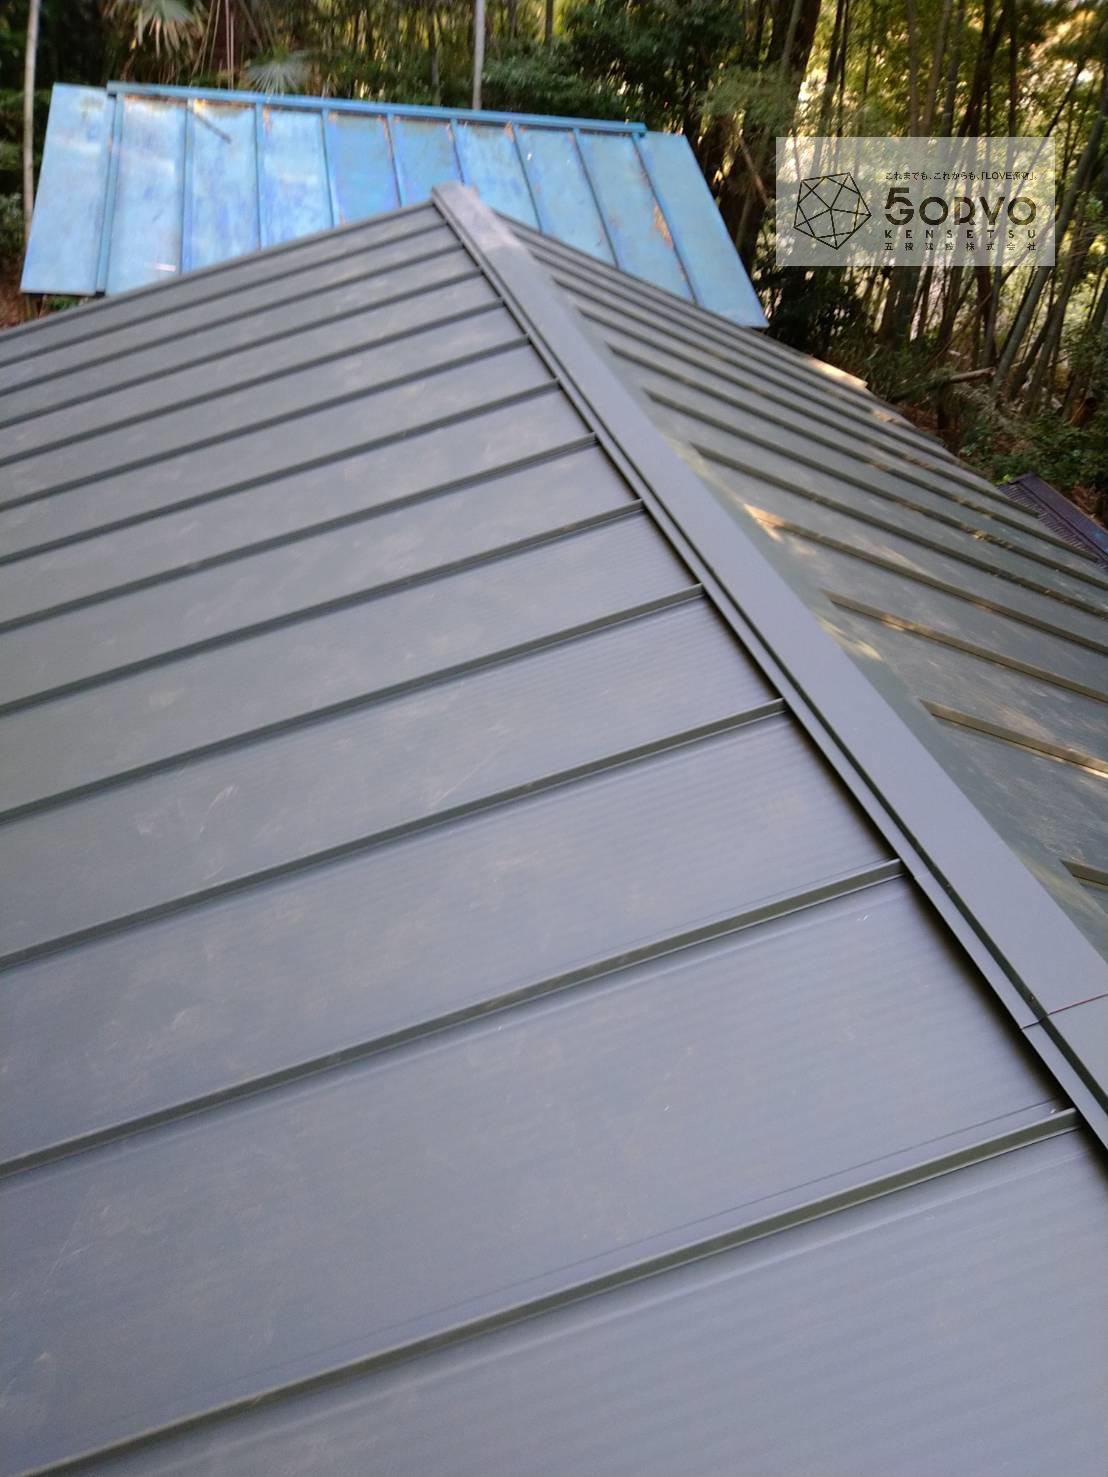 千葉市稲毛区 町の小さな神社の屋根葺き替え補修工事:施工後